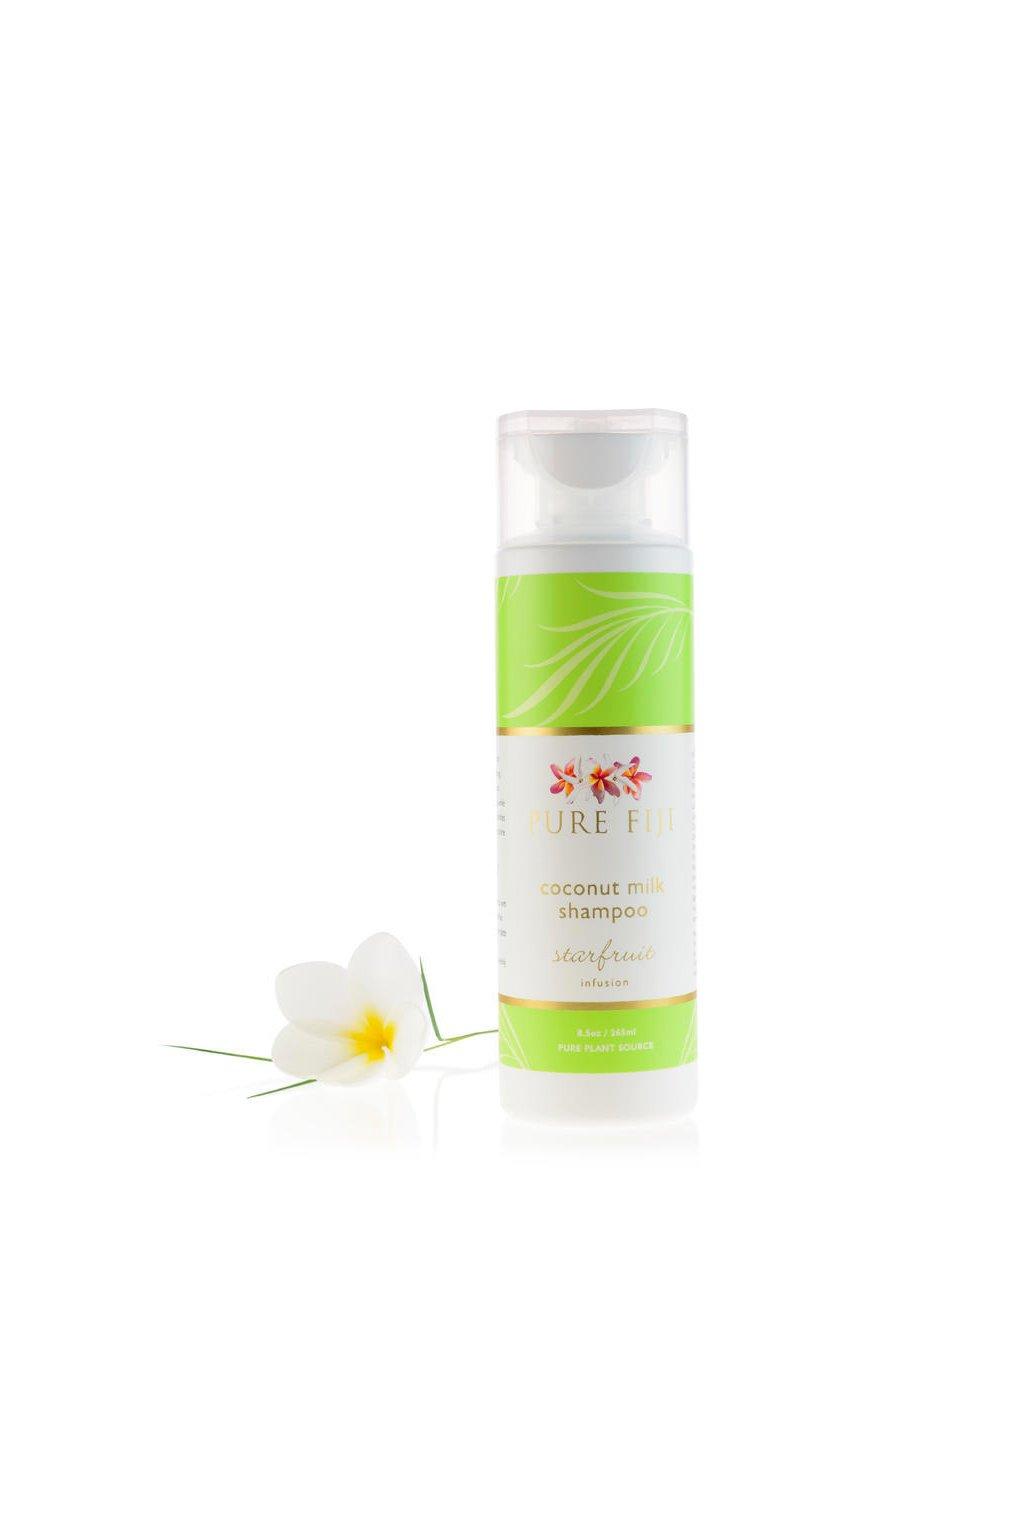 Šampon z kokosového mléka 265ml Karambola